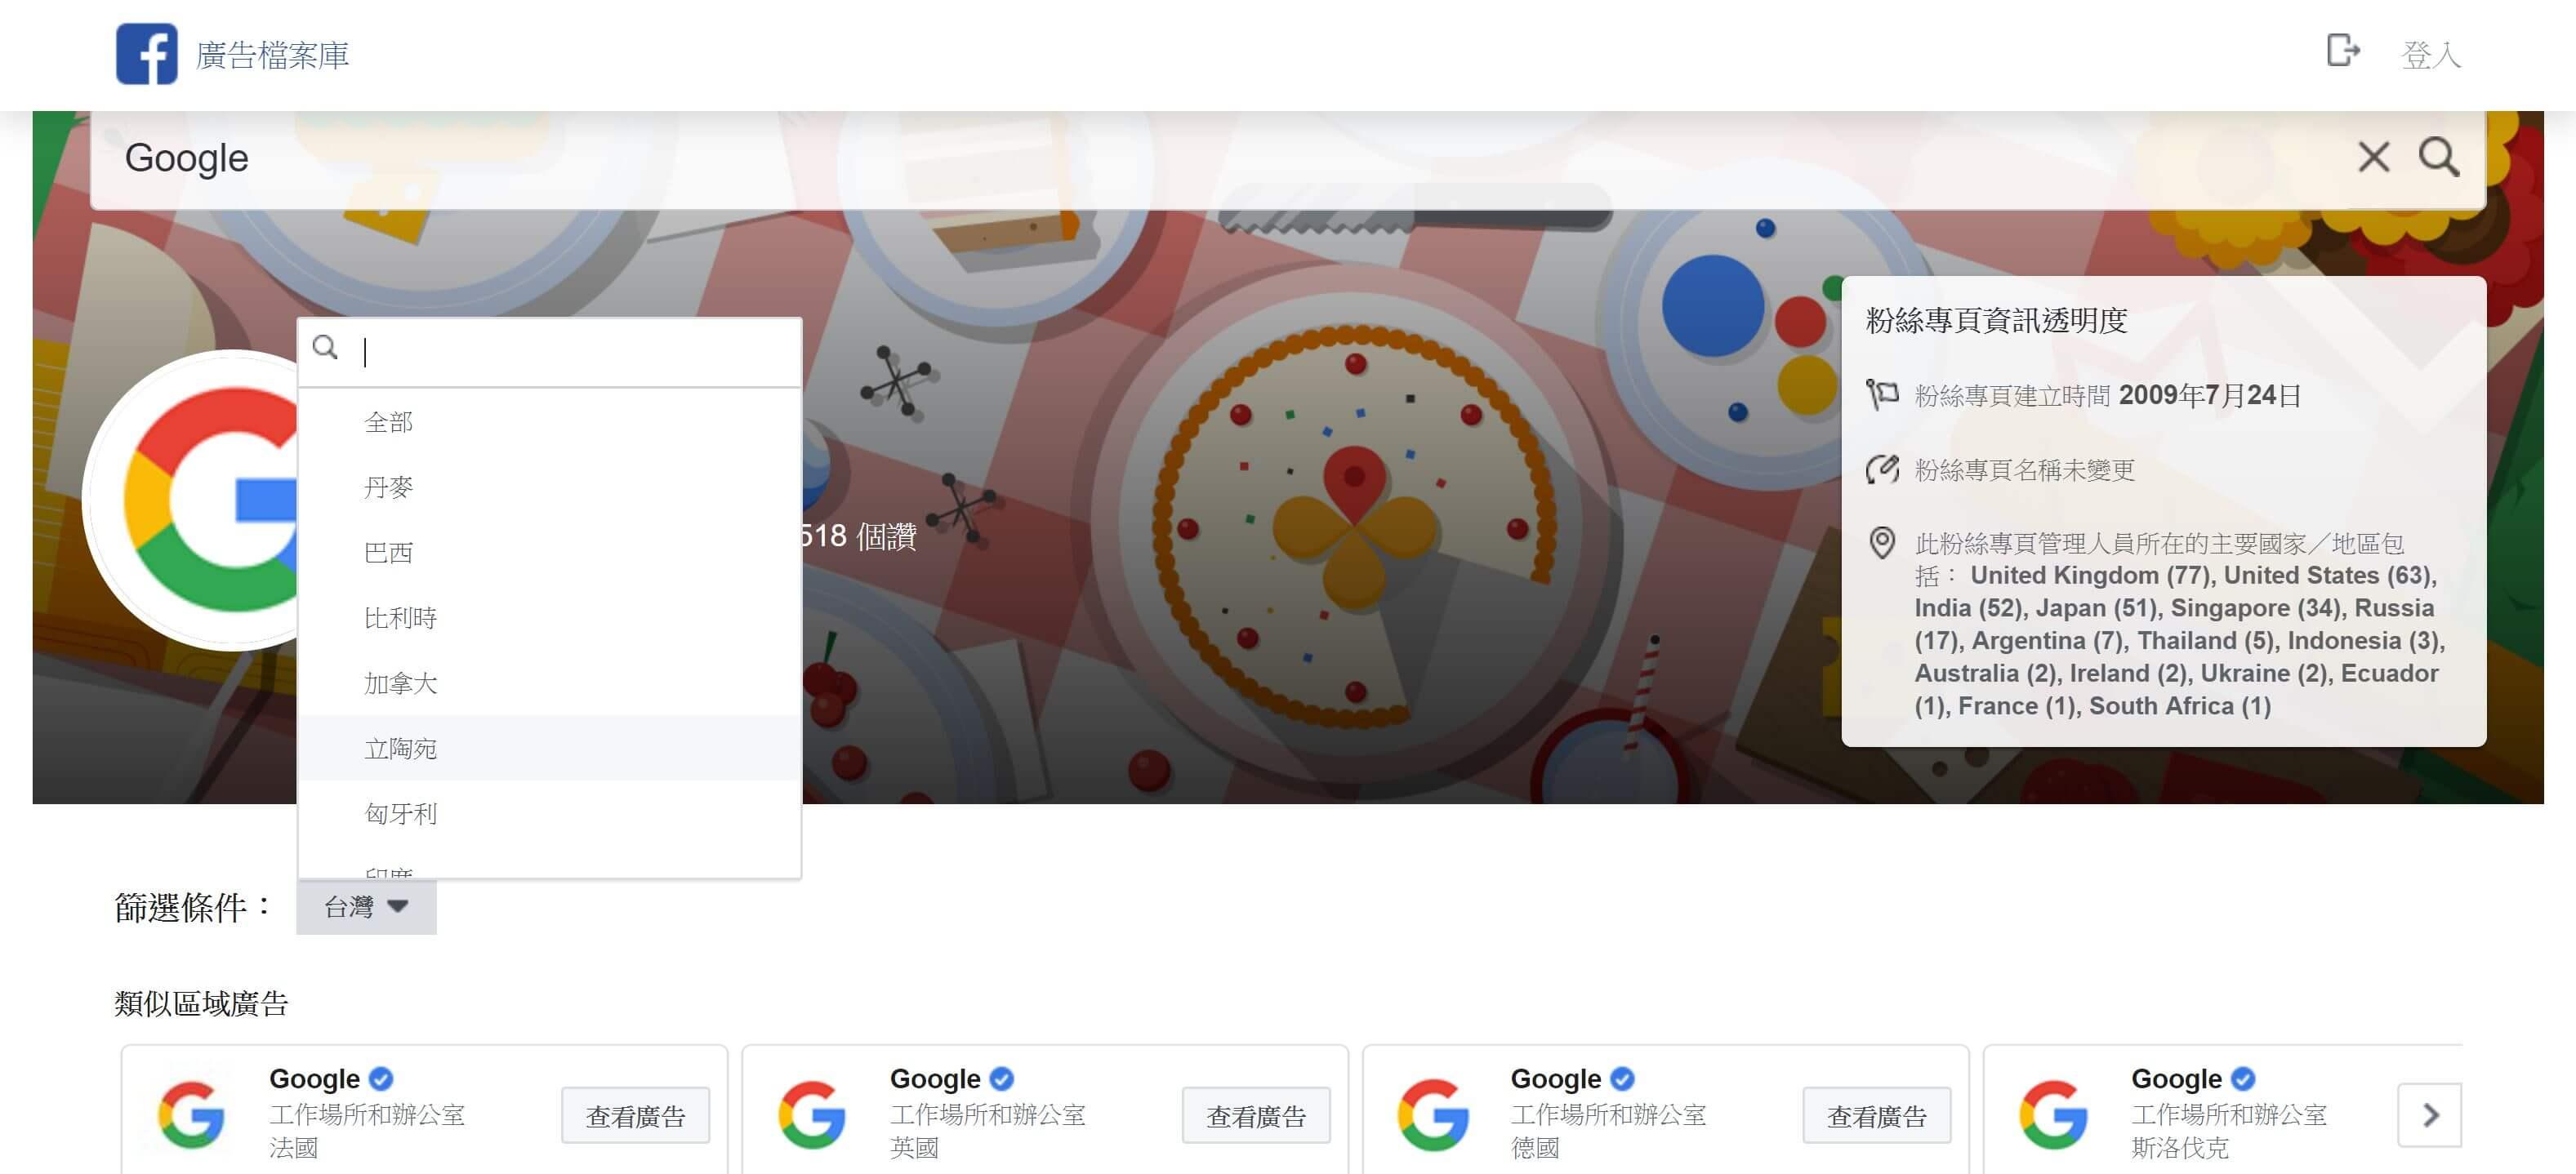 Facebook廣告檔案庫搜尋